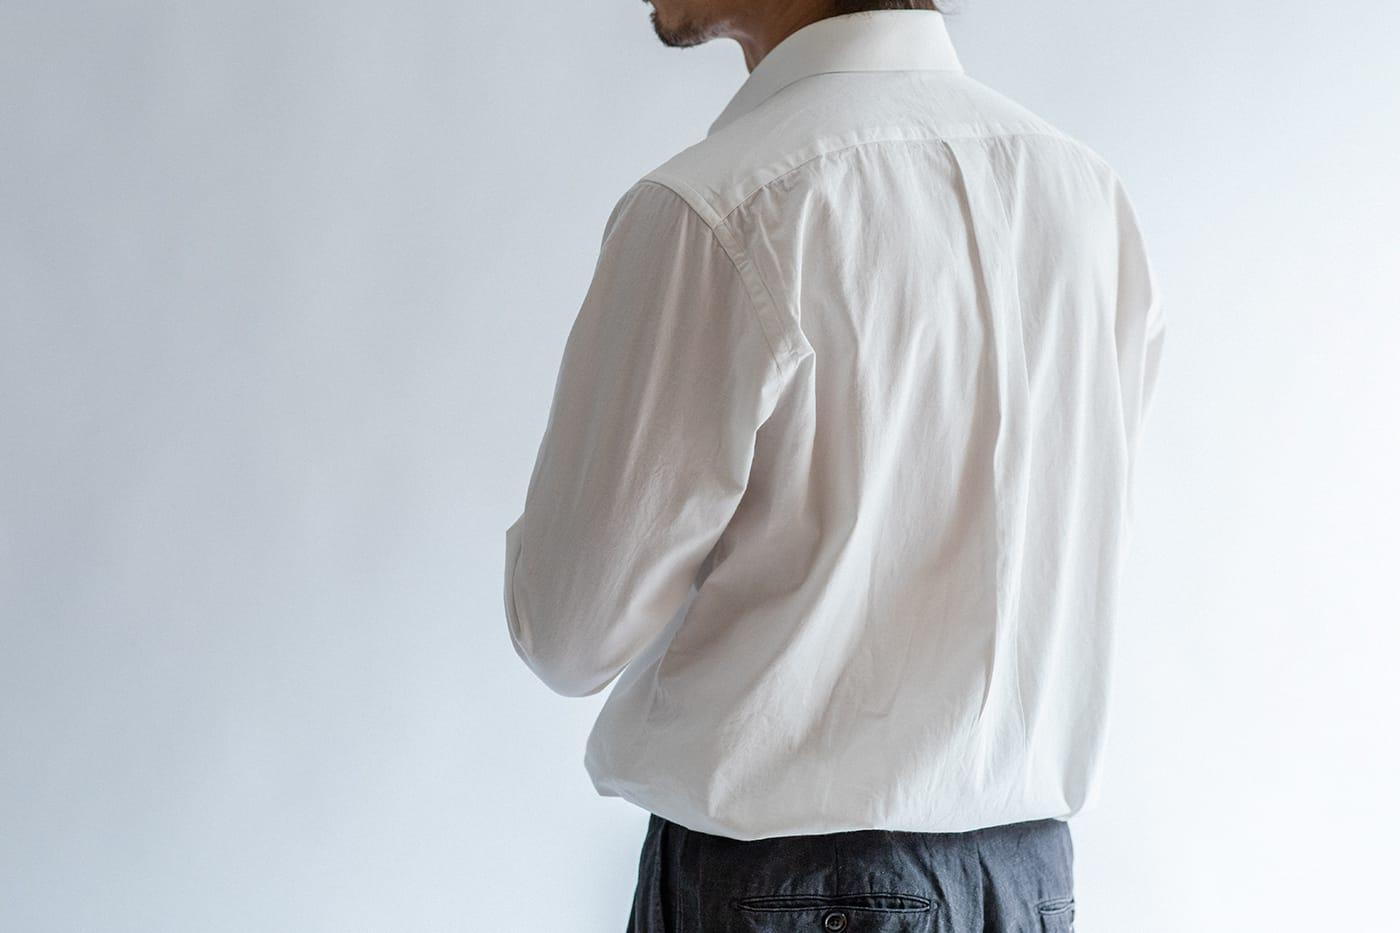 カジュアルシャツ「ブライトン」 アメリカンテイストも取り入れて、英米のクラシックをミックス